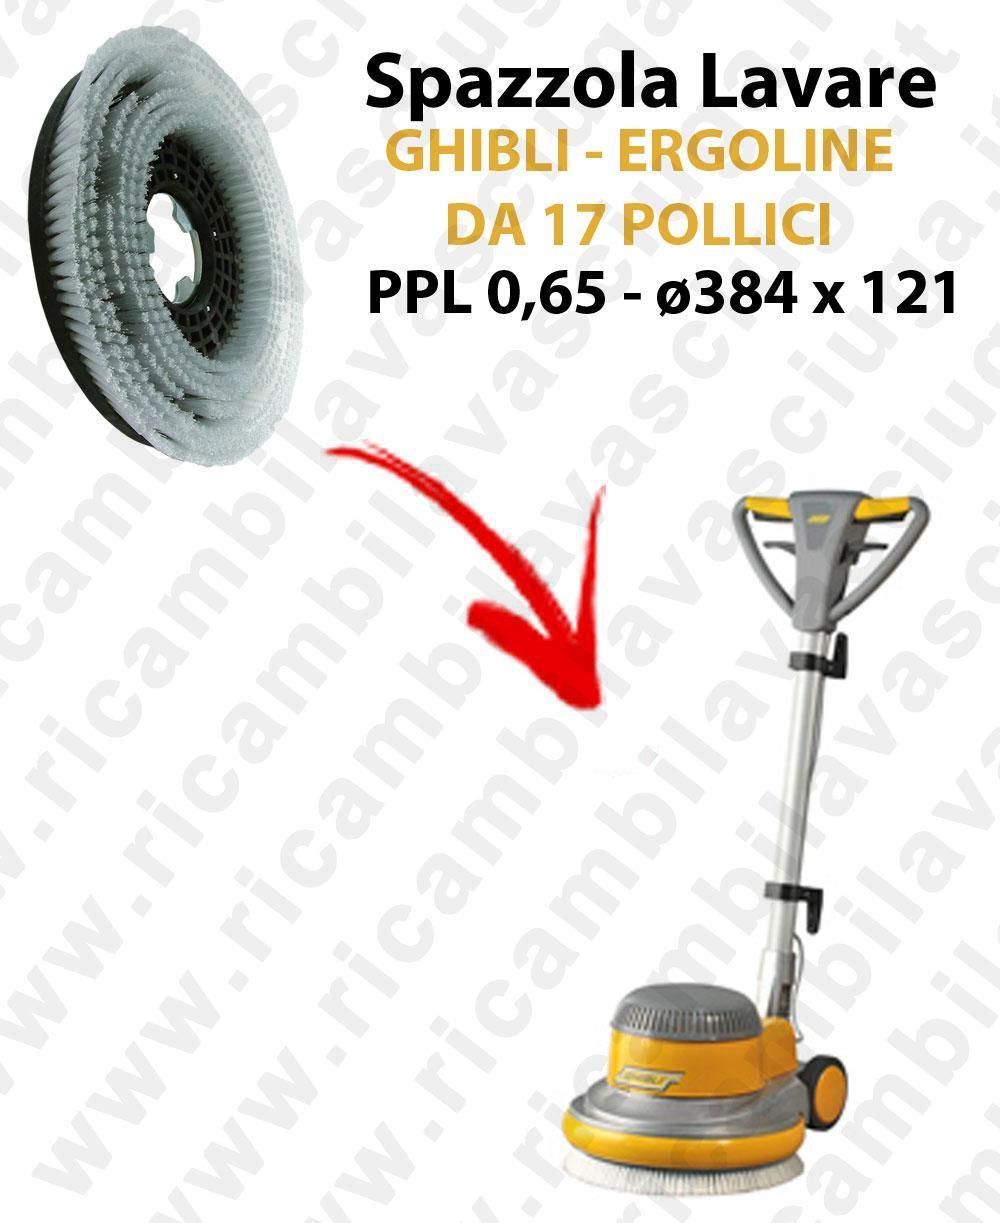 BROSSE A LAVER pour monoBROSSE GHIBLI  ERGOLINE de 17 pouce (SB143). Reference: PPL 0,65  diamétre 384 X 121